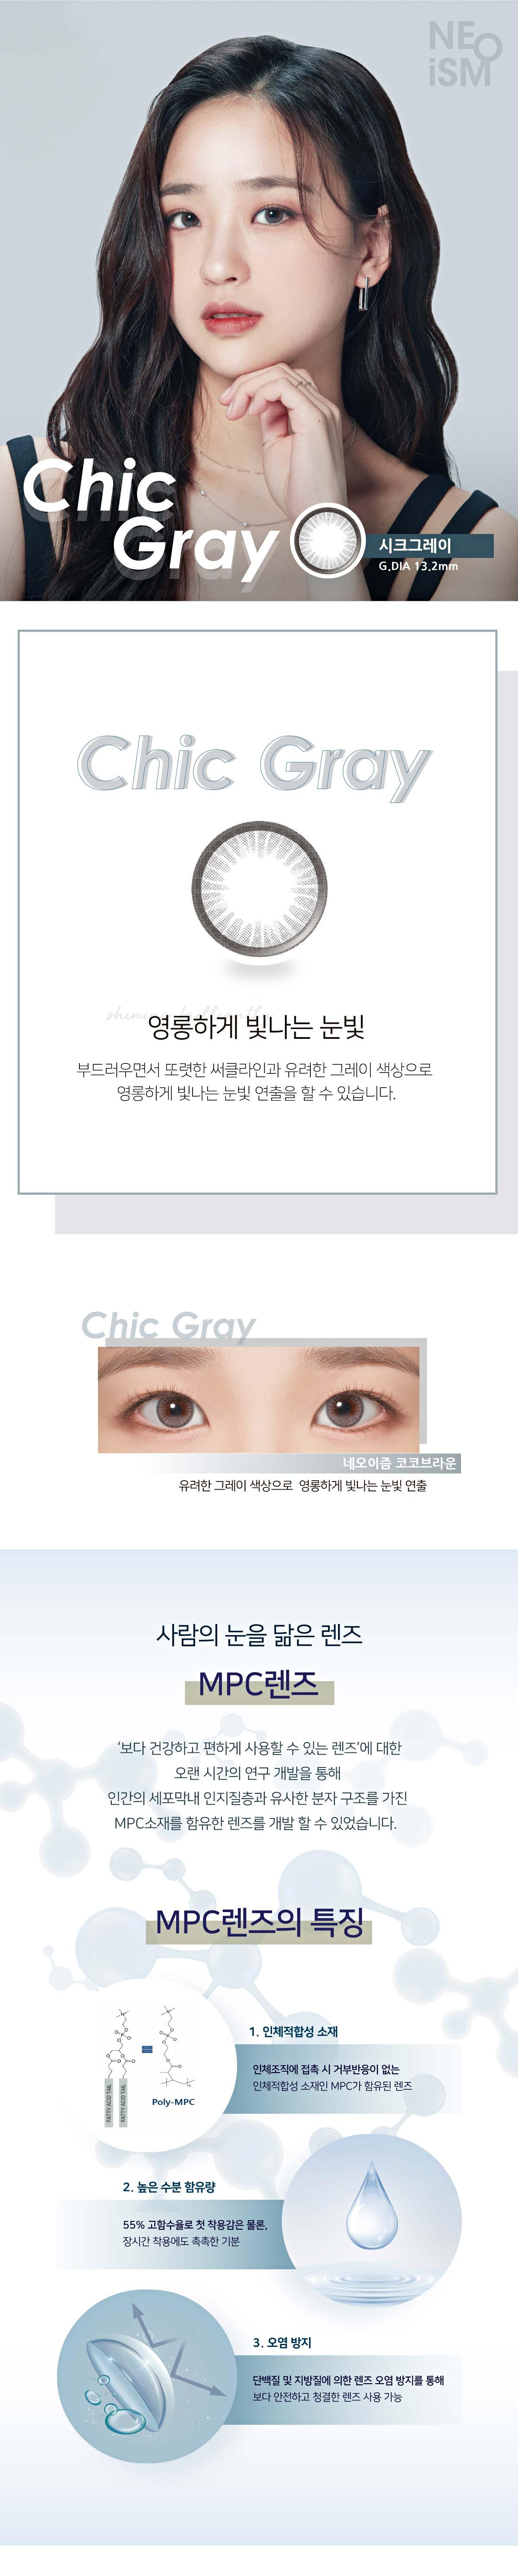 neoism-chic-korean-circle-lenses-color1.jpg